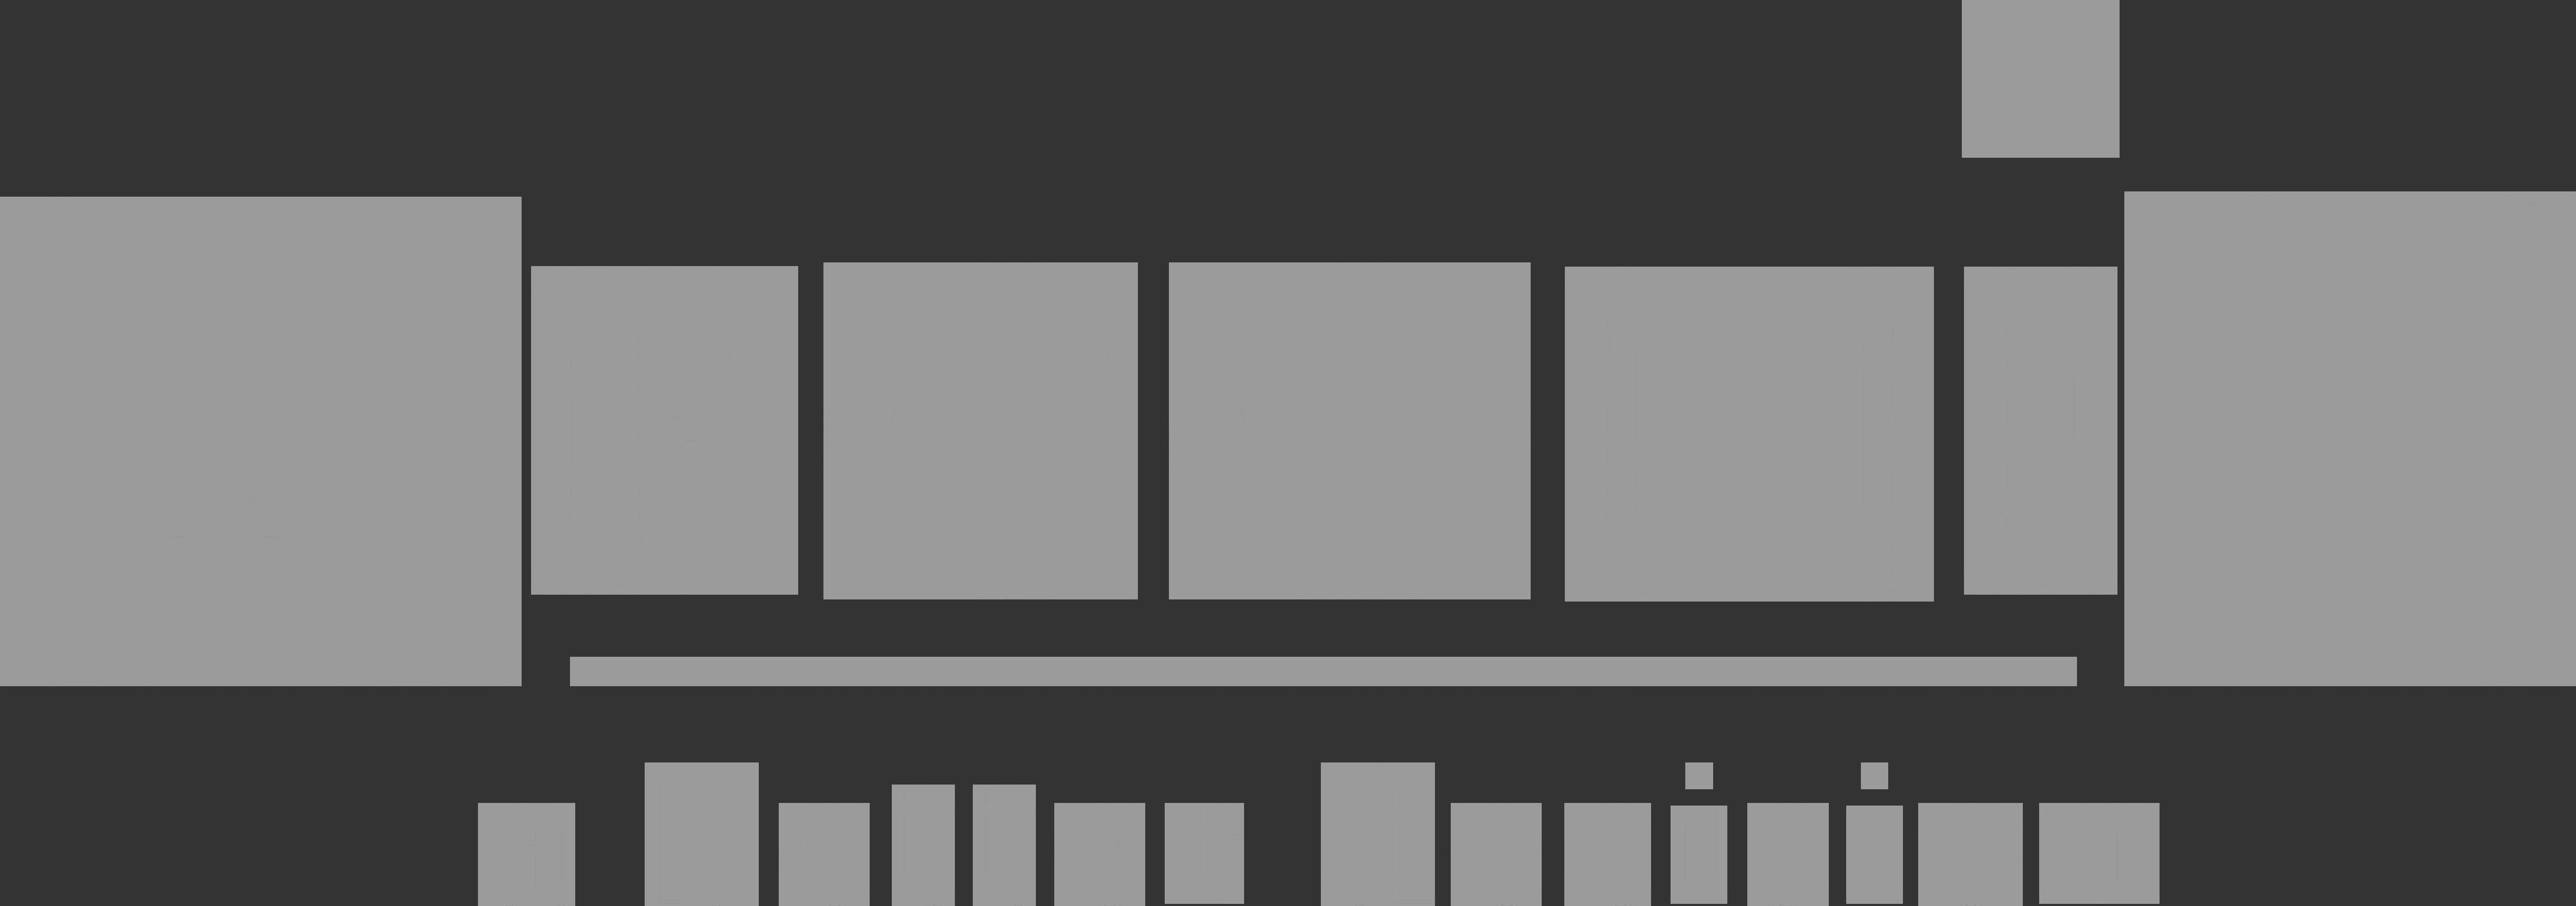 ApconiX logo grey